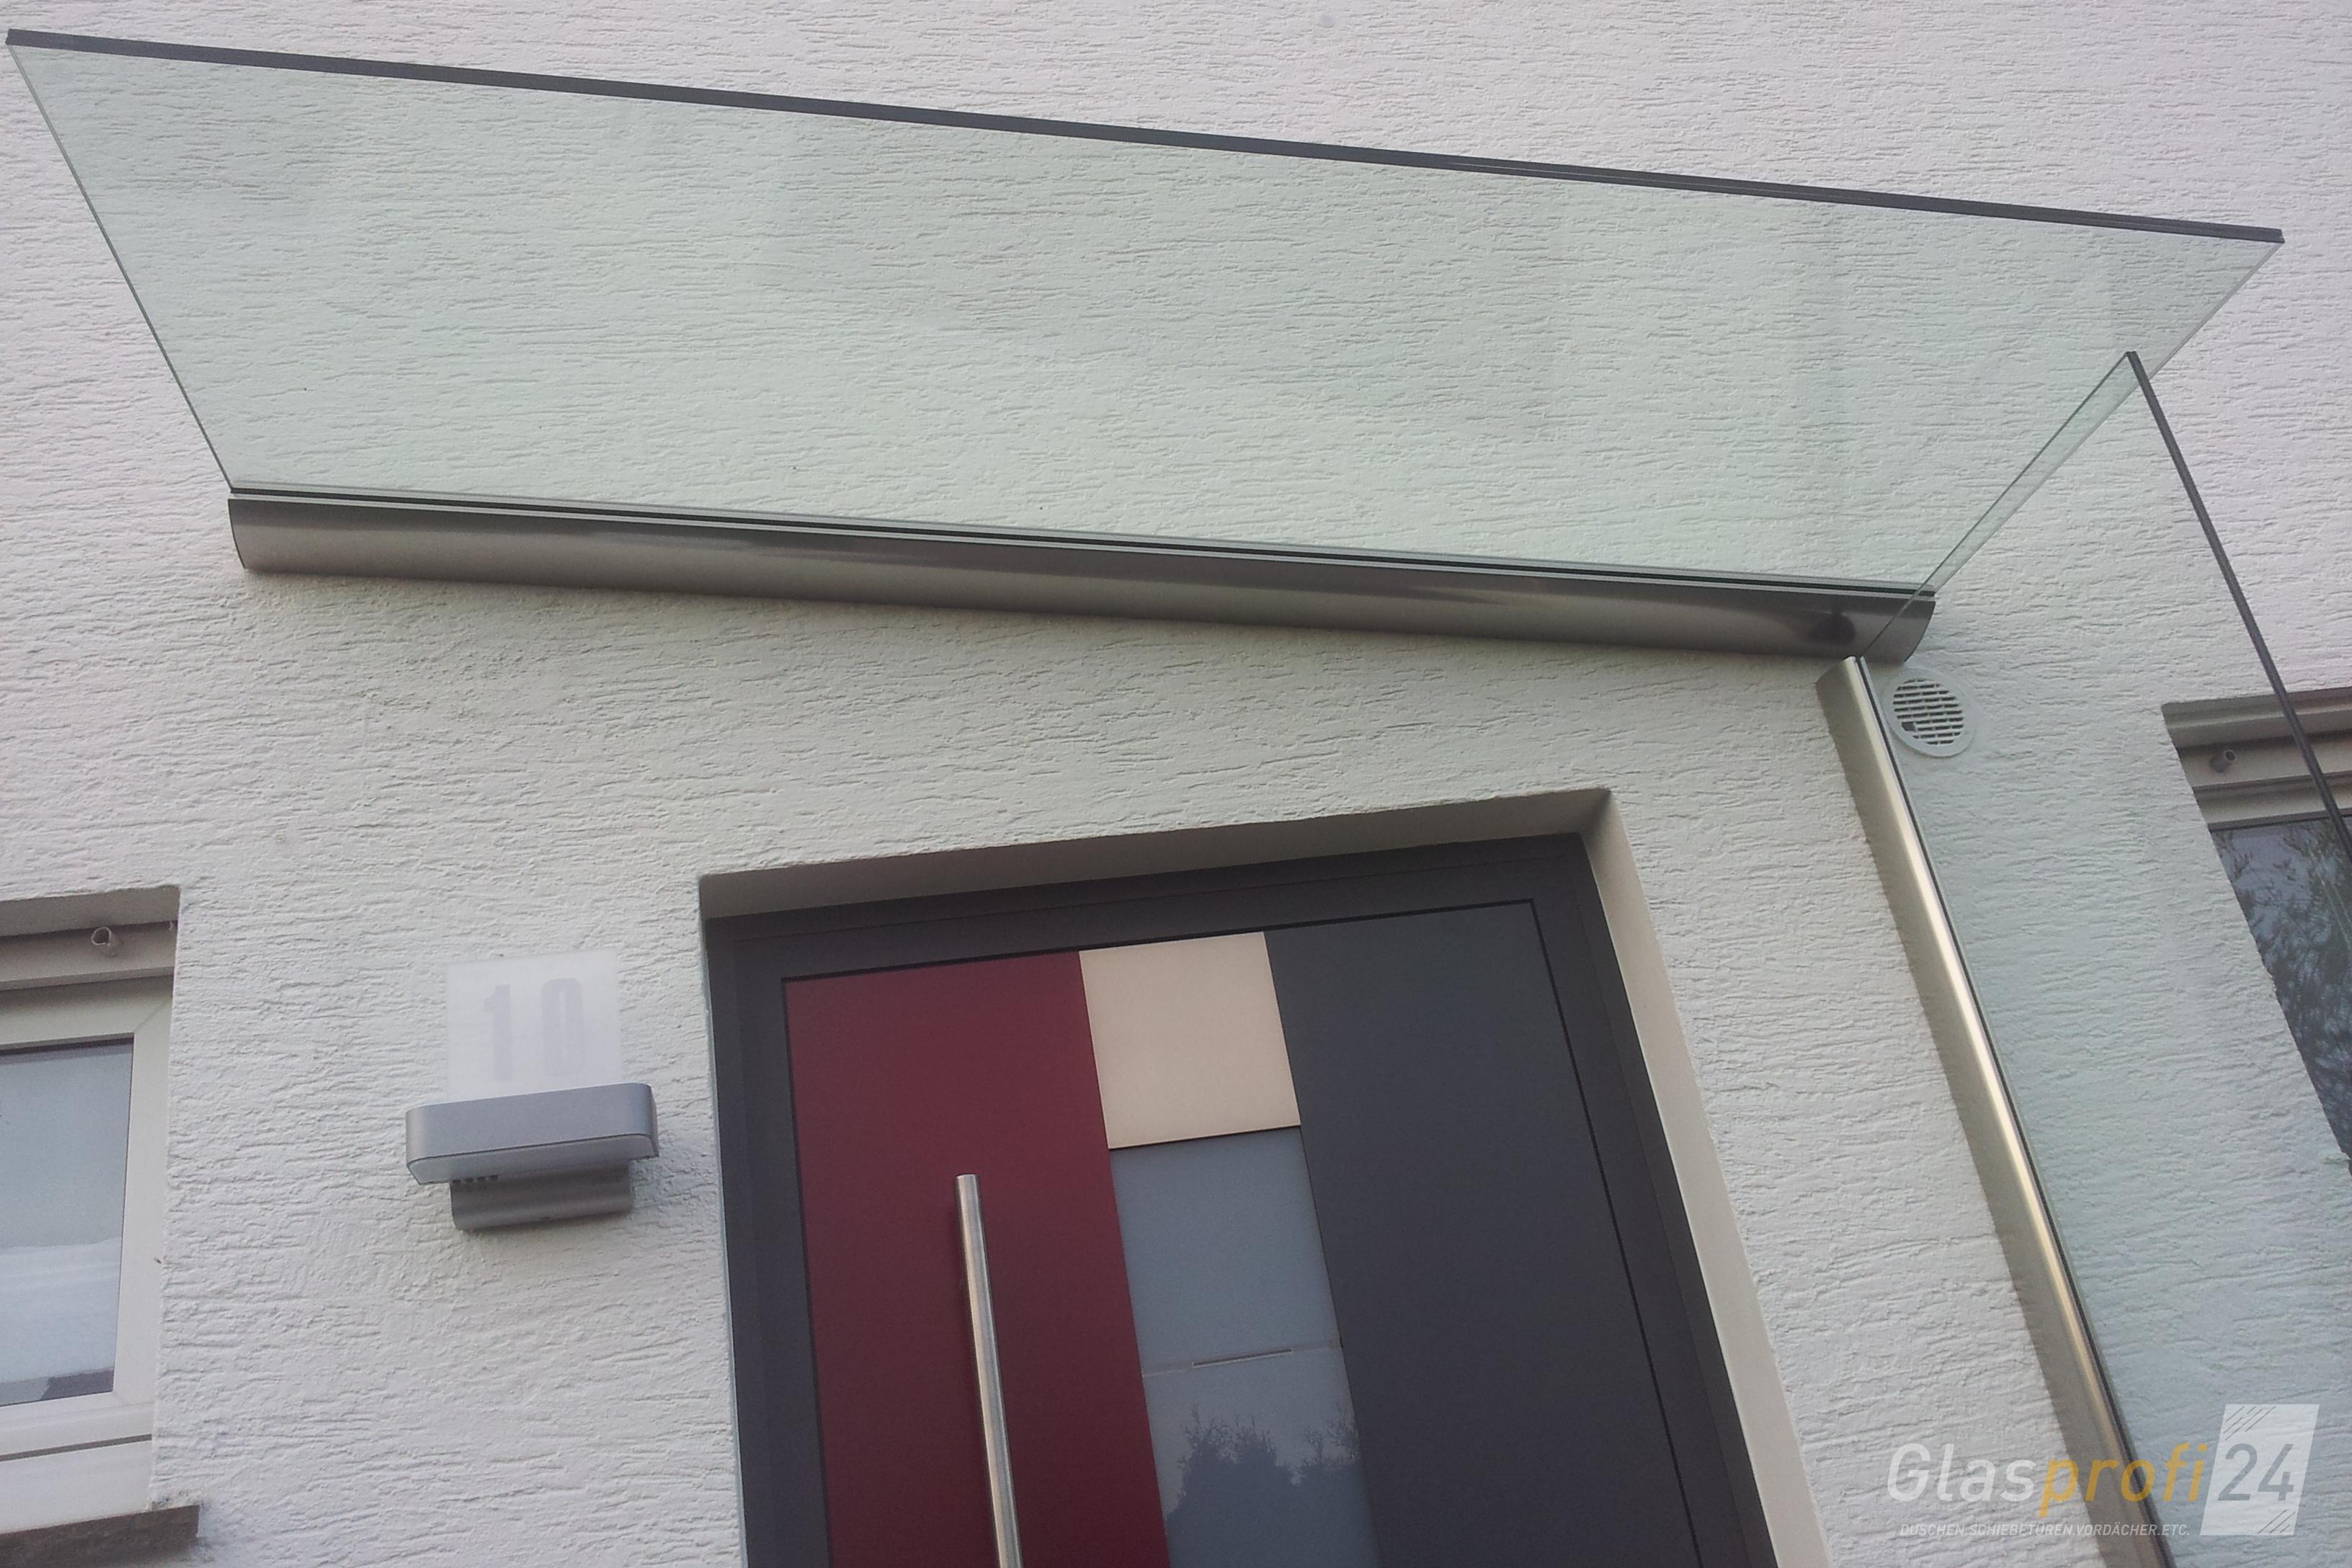 Sehr Vordach mit Seitenteil als Haustür-Windfang | GLASPROFI24 OJ33